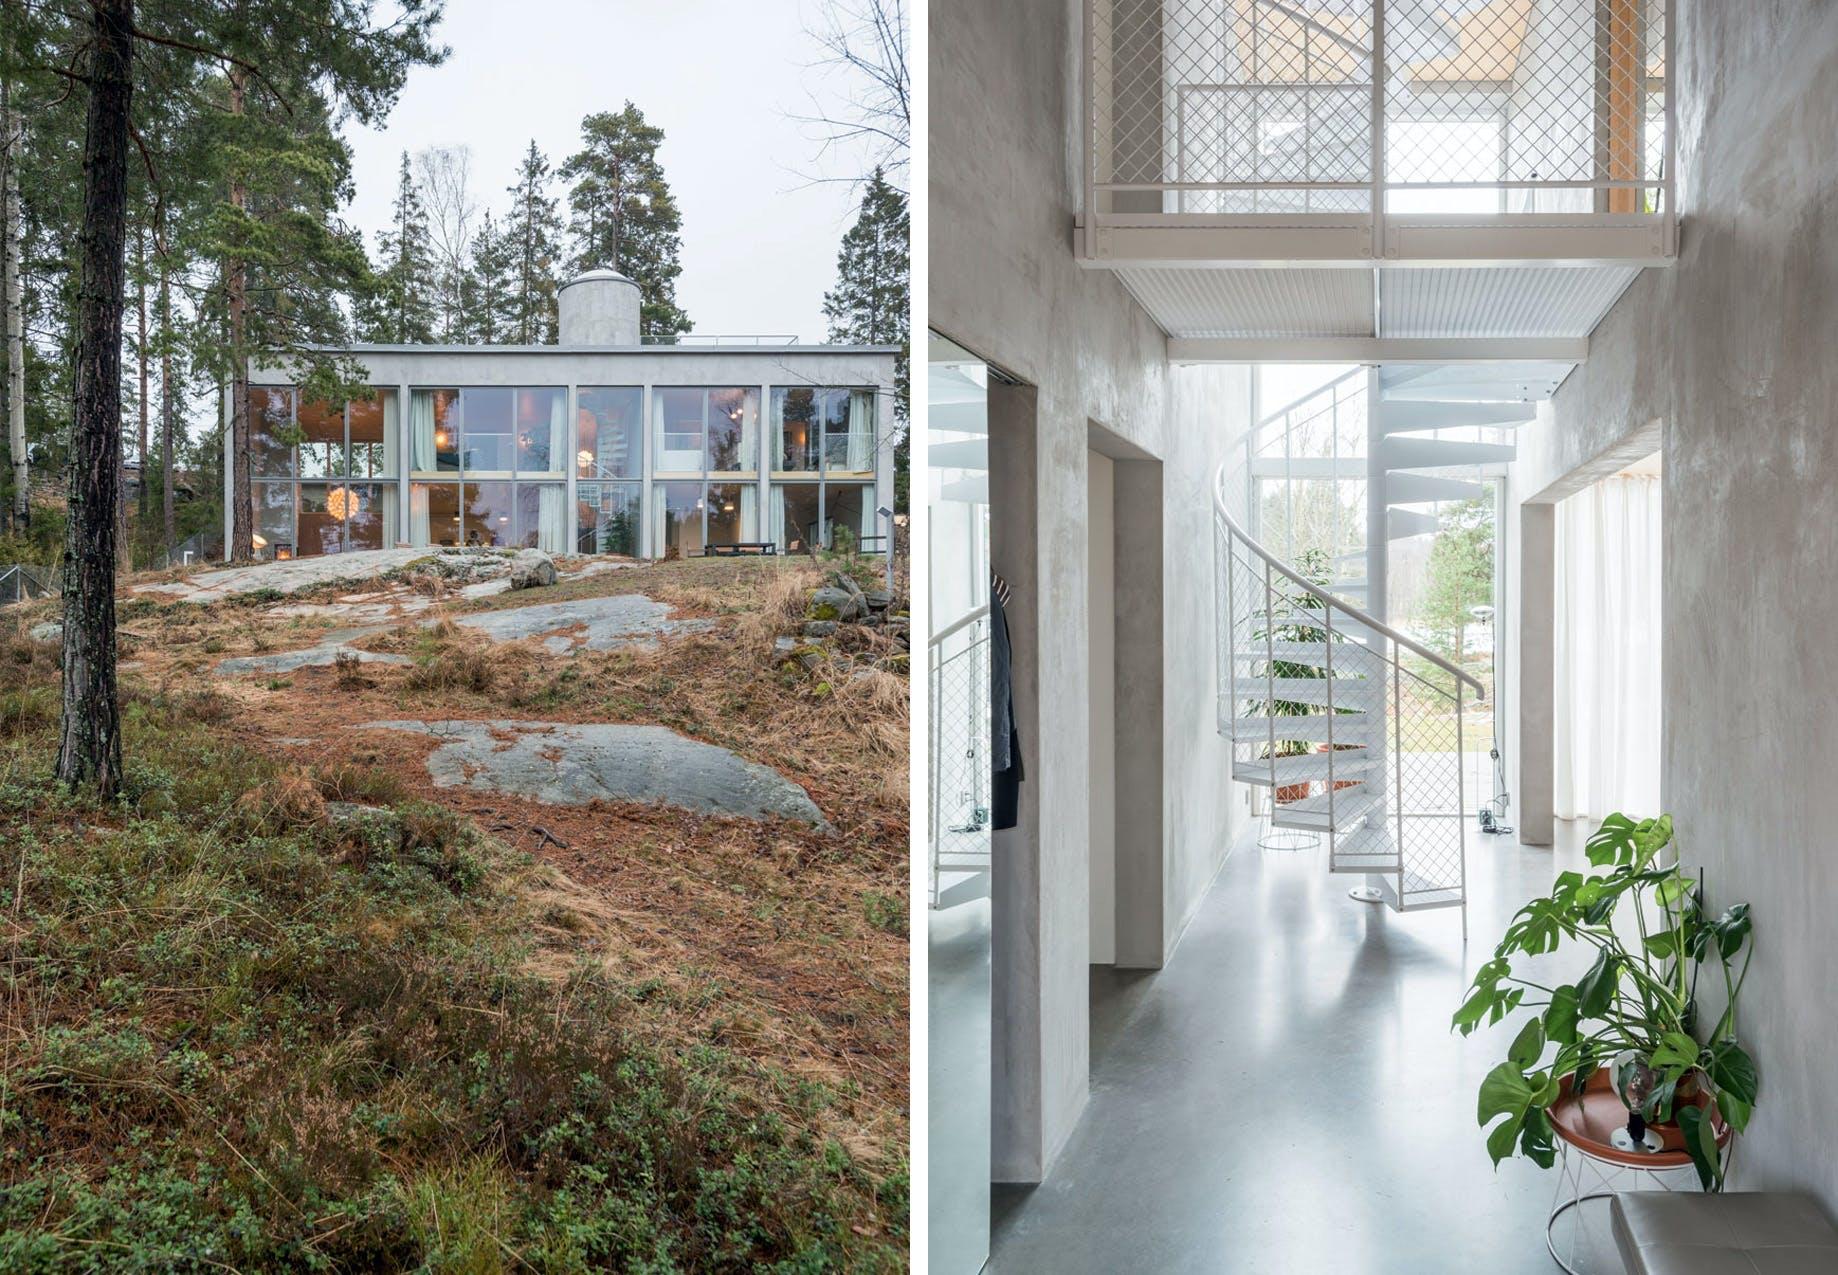 Fantastisk bolig i beton og glas i den svenske natur